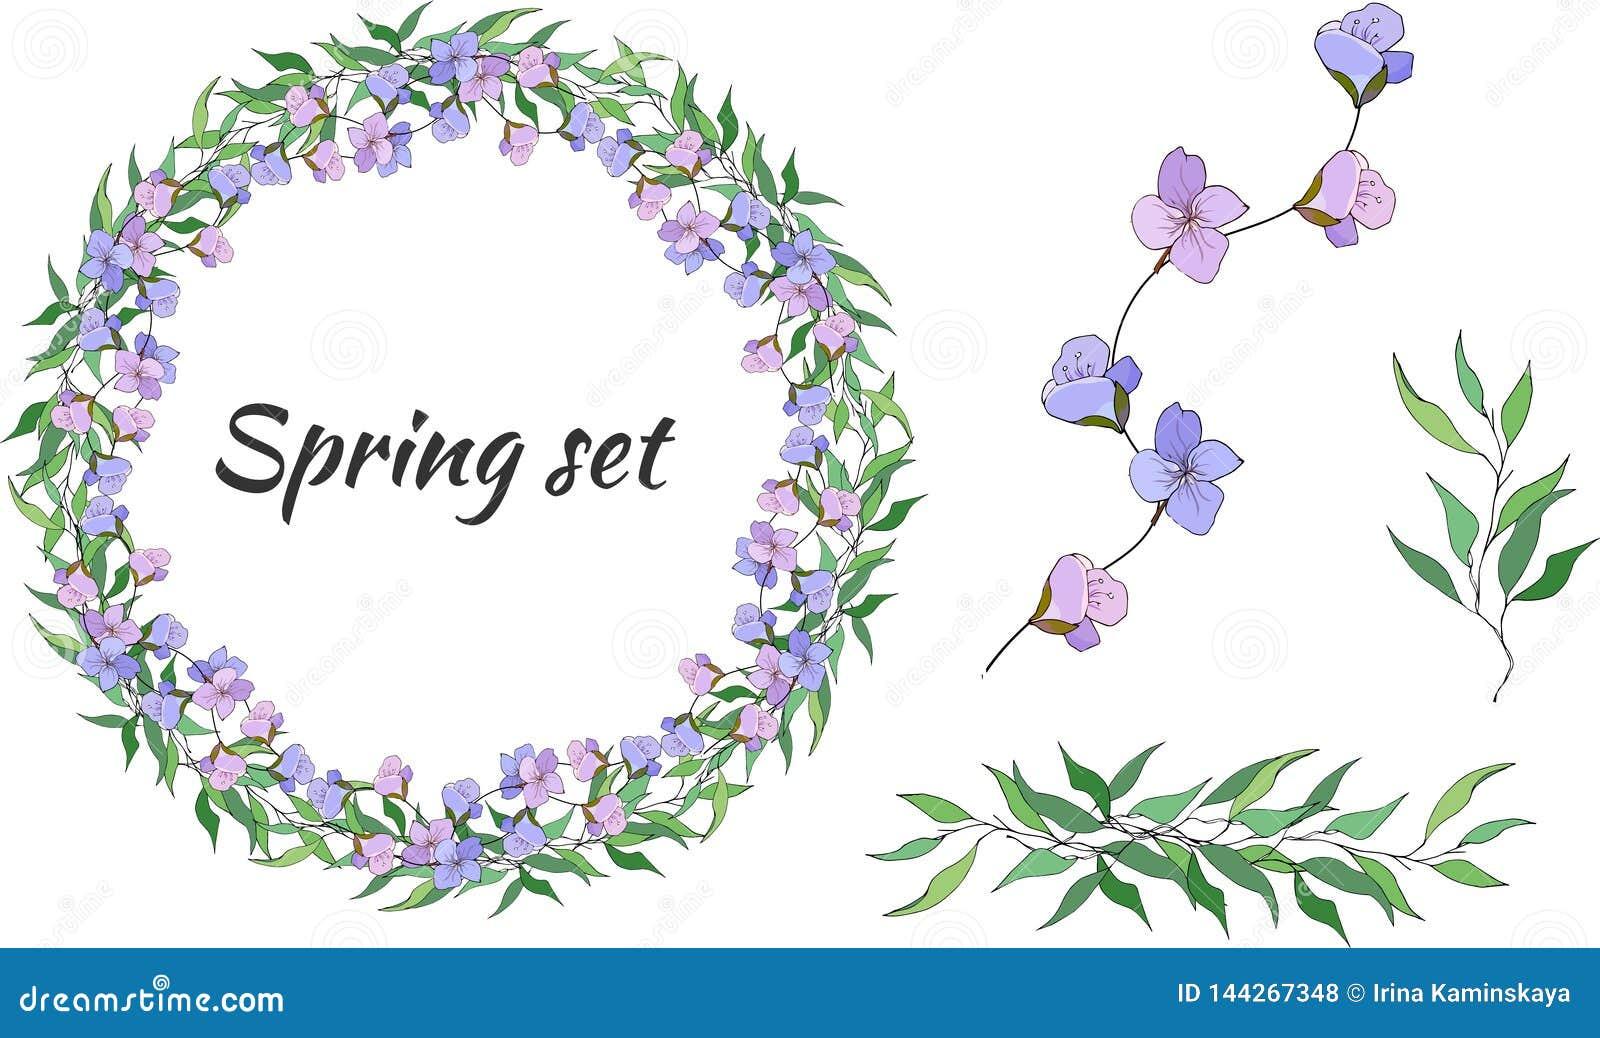 Sistema de la primavera de estampados de flores, de ornamentos y de guirnaldas del vector de flores violetas delicadas y de hojas